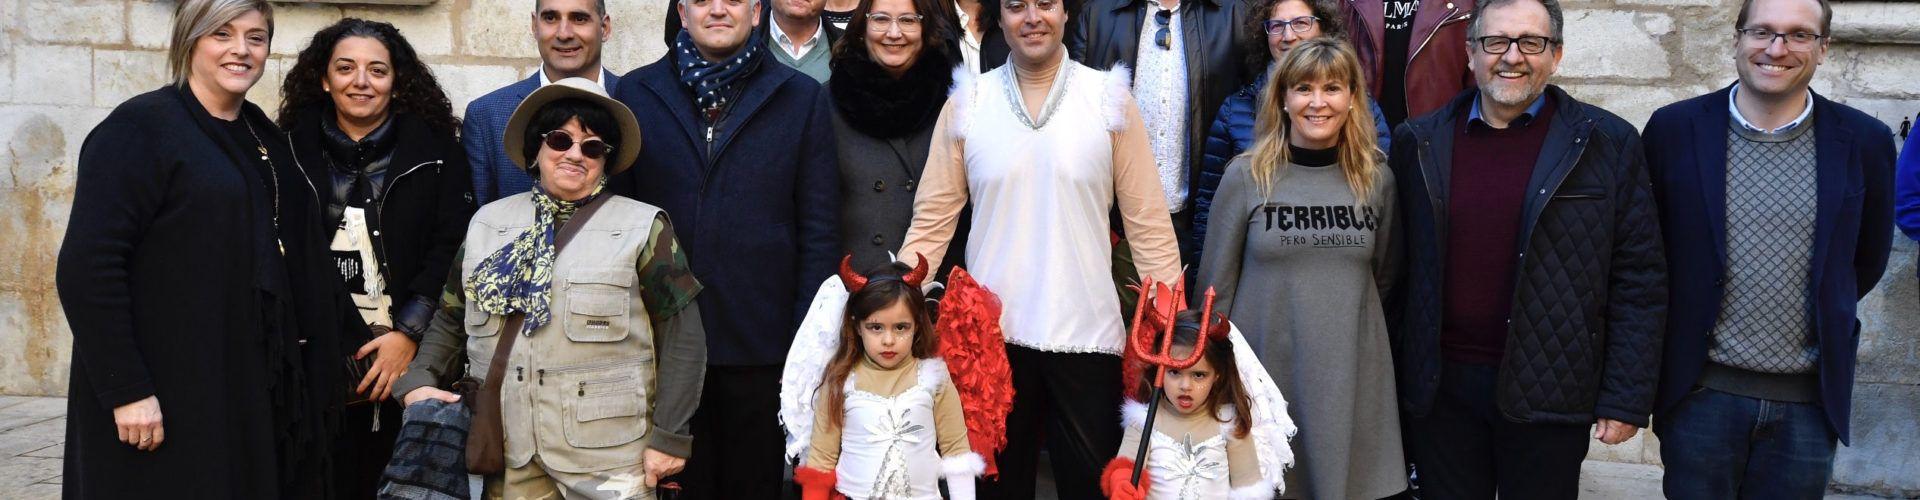 Visitas de autoridades al primer desfile de Carnaval